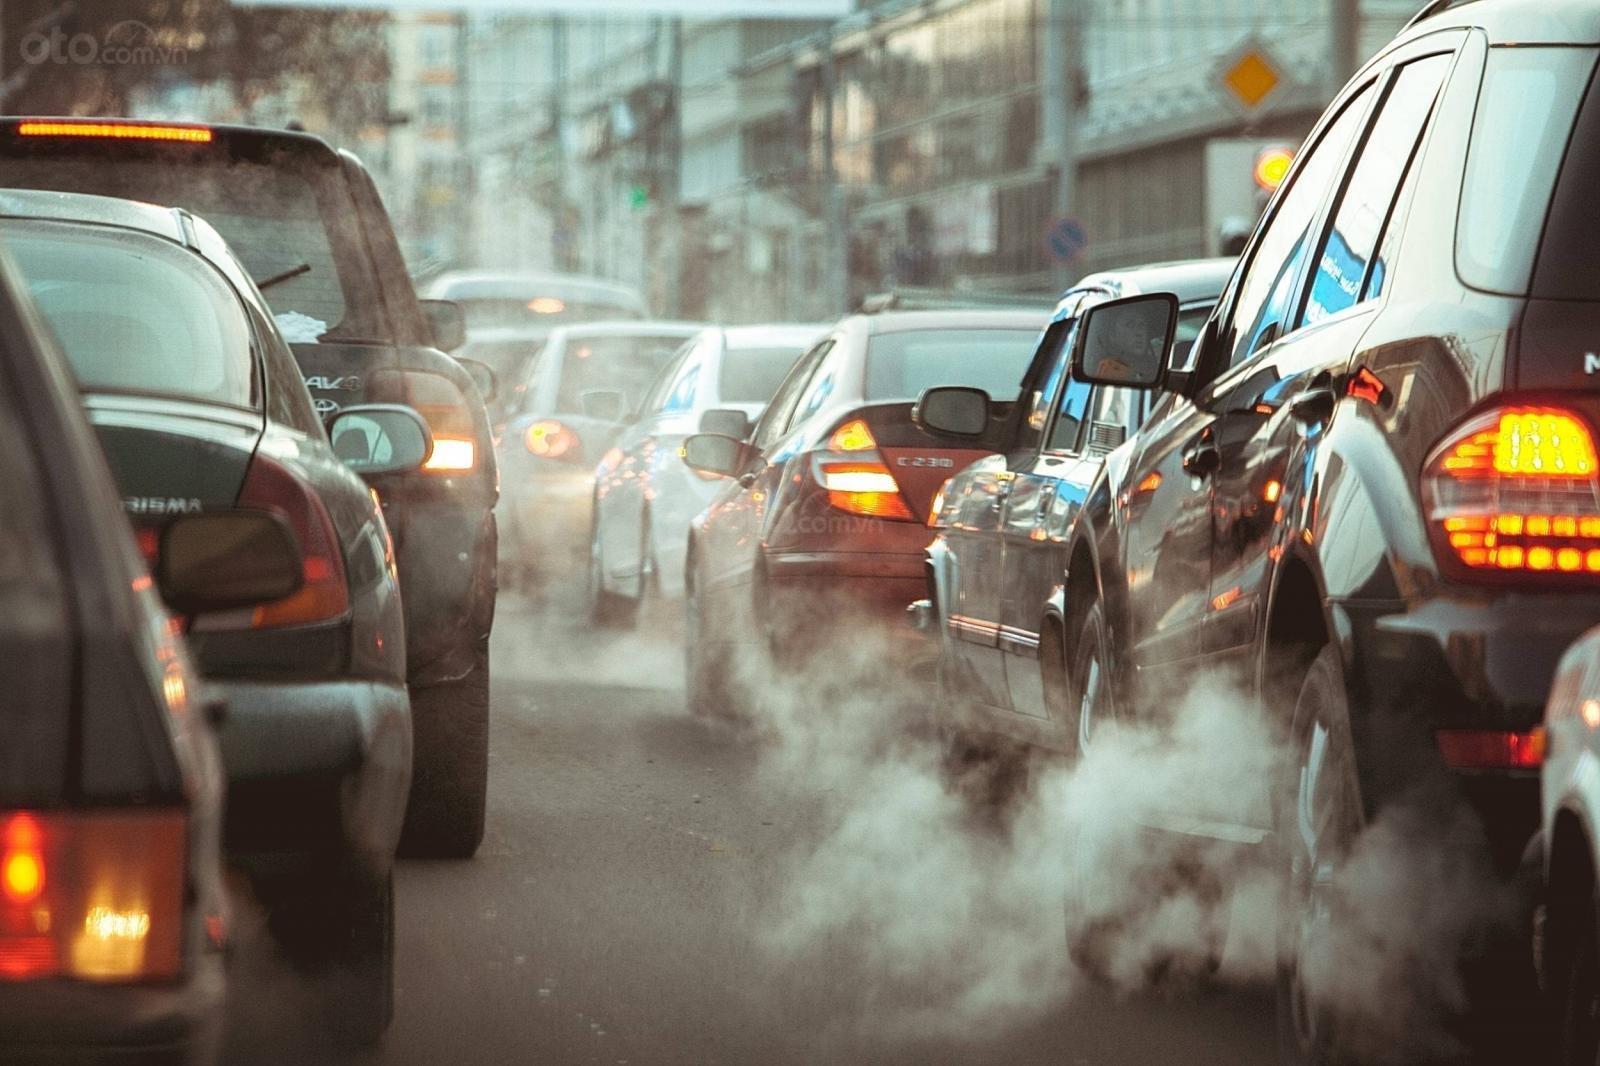 Hưởng ứng phong trào bảo vệ môi trường, các thành phố châu Á chuyển sang dùng xe điện.